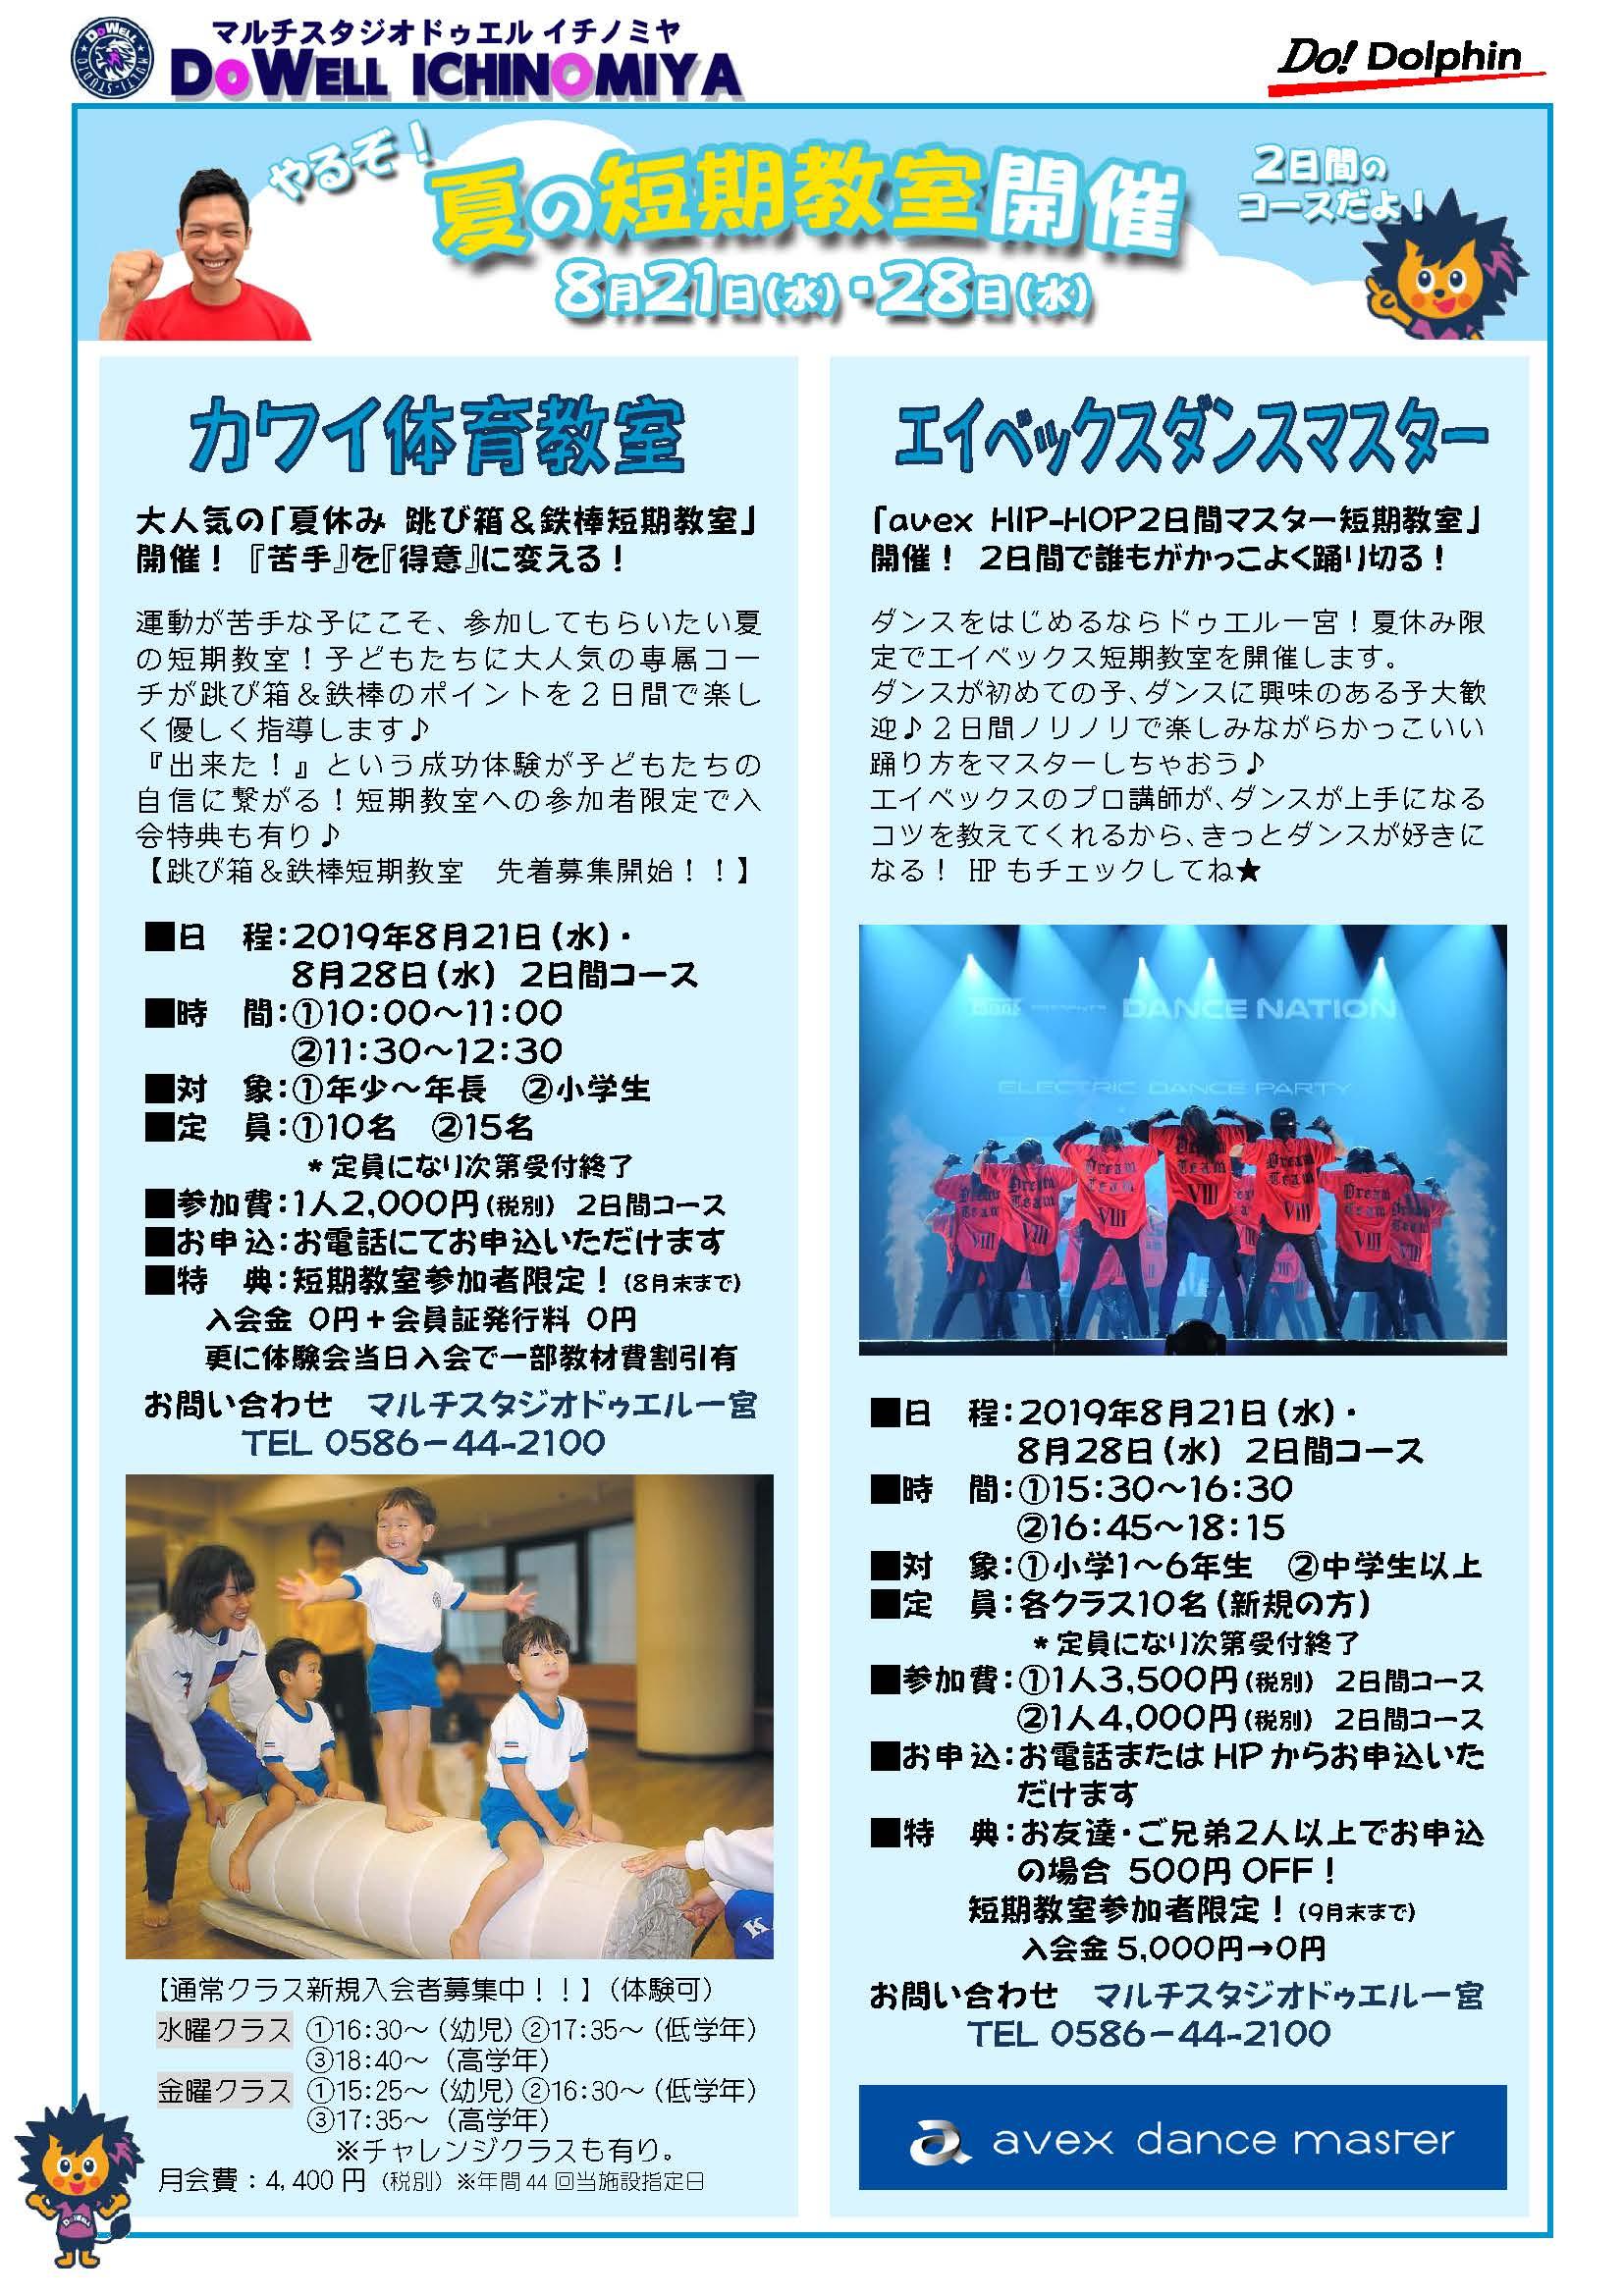 ドルフィン広報誌8月号校了_ページ_4